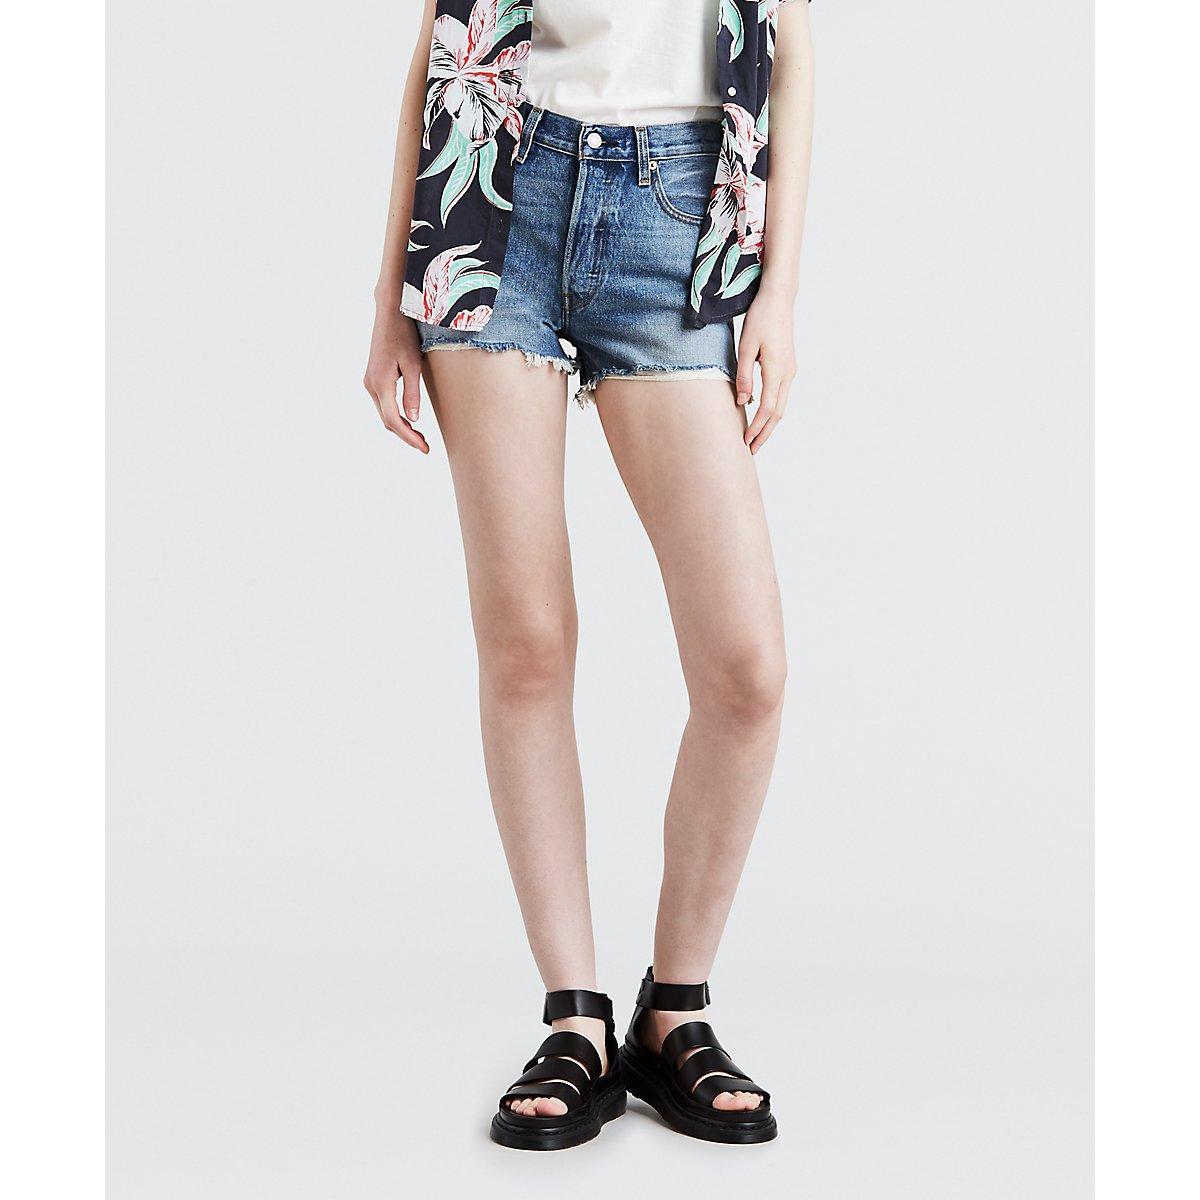 d34e70e0 Levi's Women's 501 High Rise Short at Amazon Women's Clothing store: